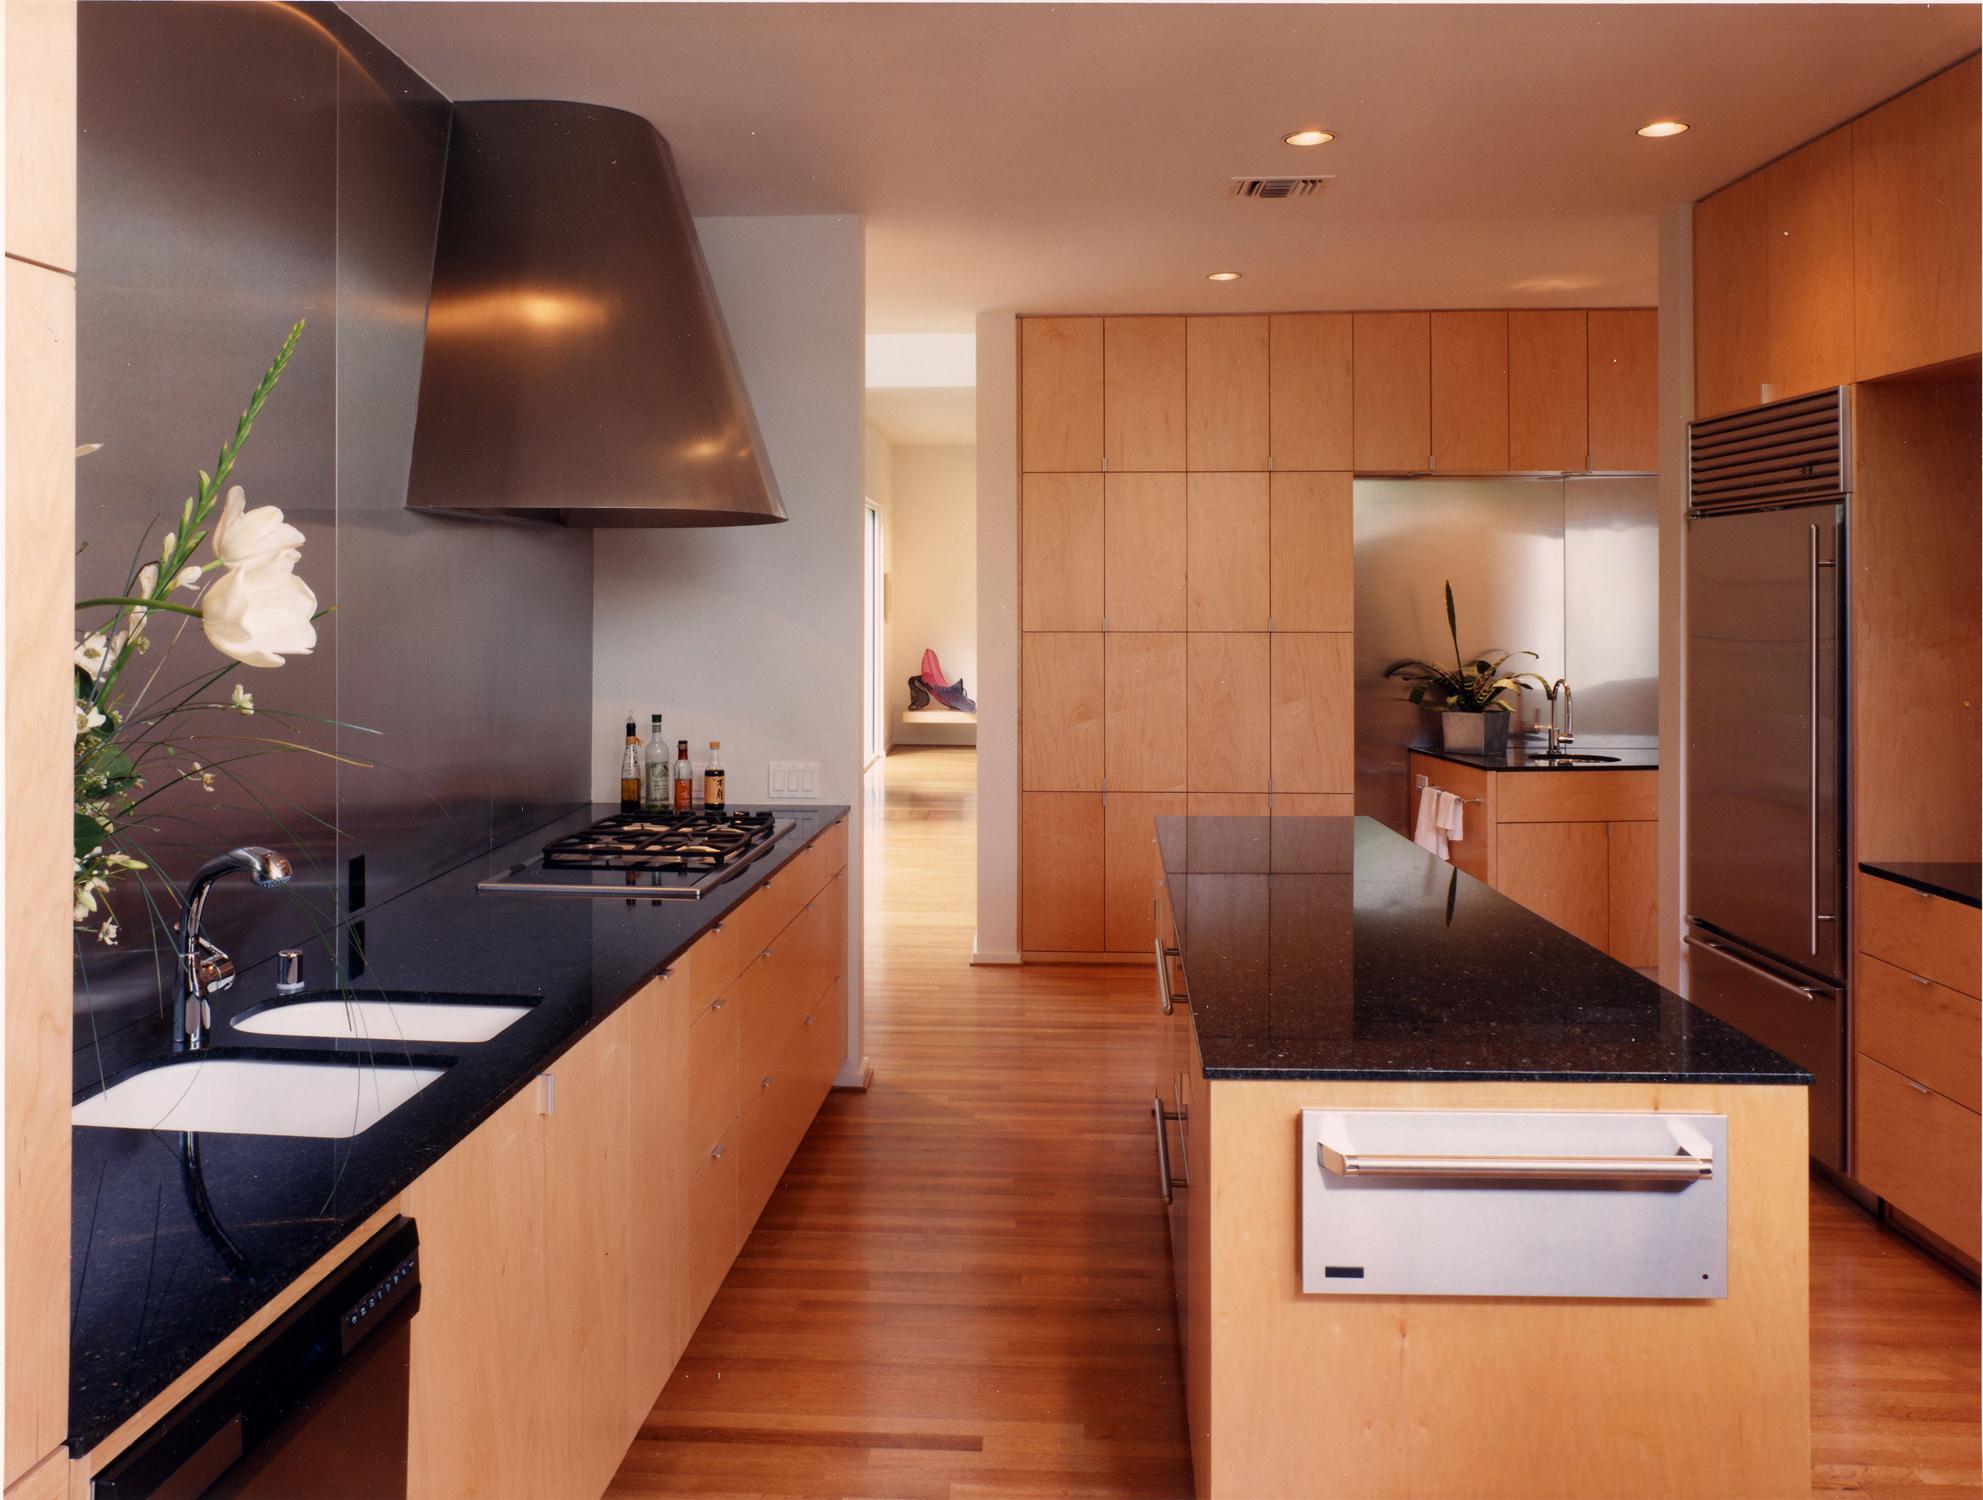 032 Johnson kitchen.jpg